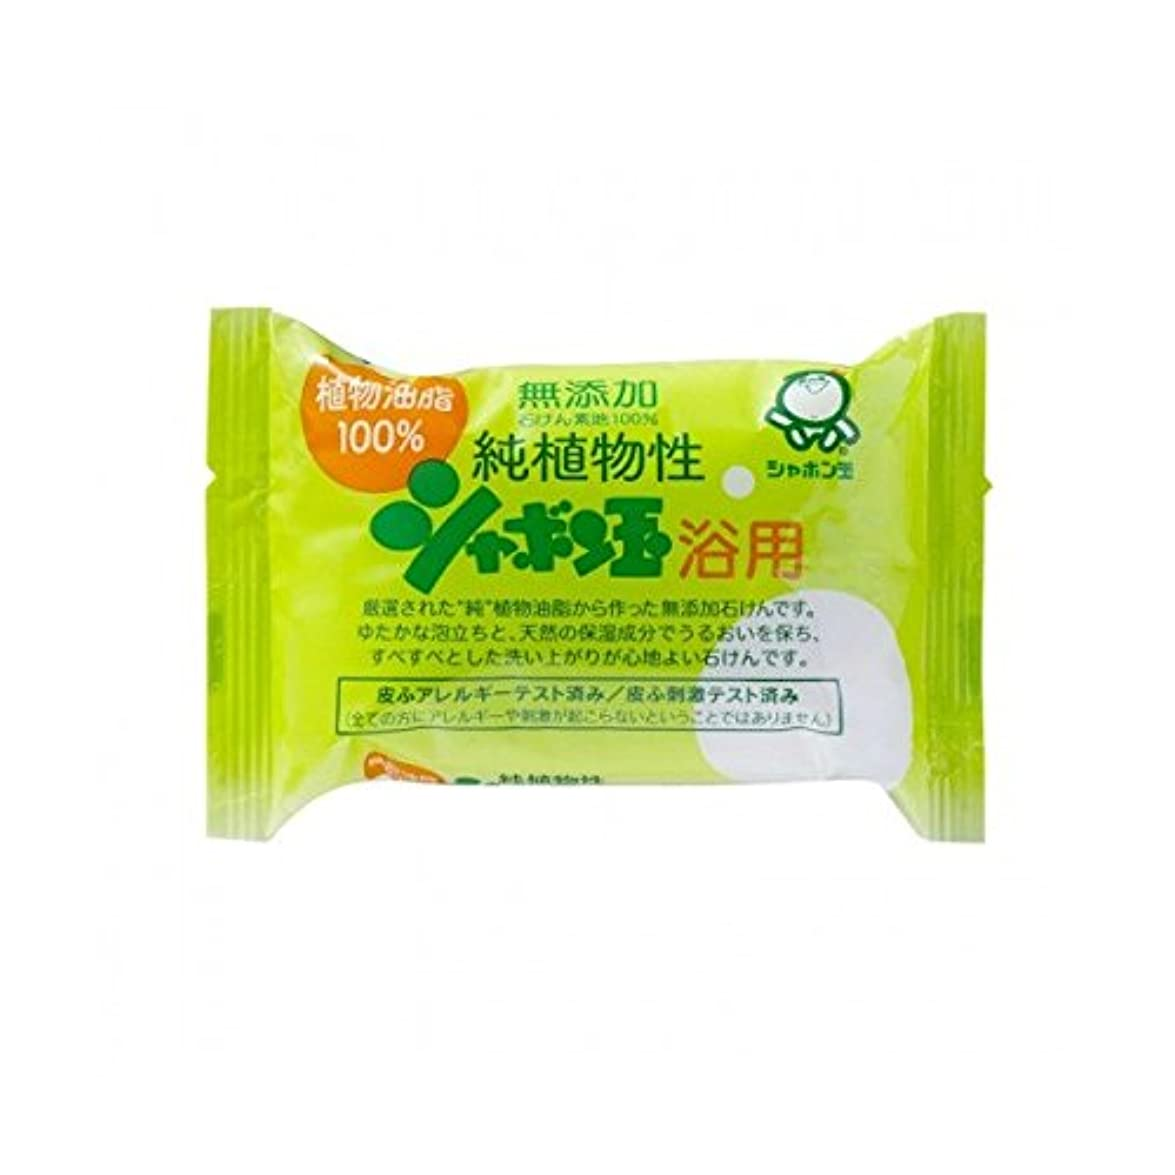 原告一流時期尚早シャボン玉石けん シャボン玉 純植物性 浴用 100g(無添加石鹸)×120点セット (4901797003013)